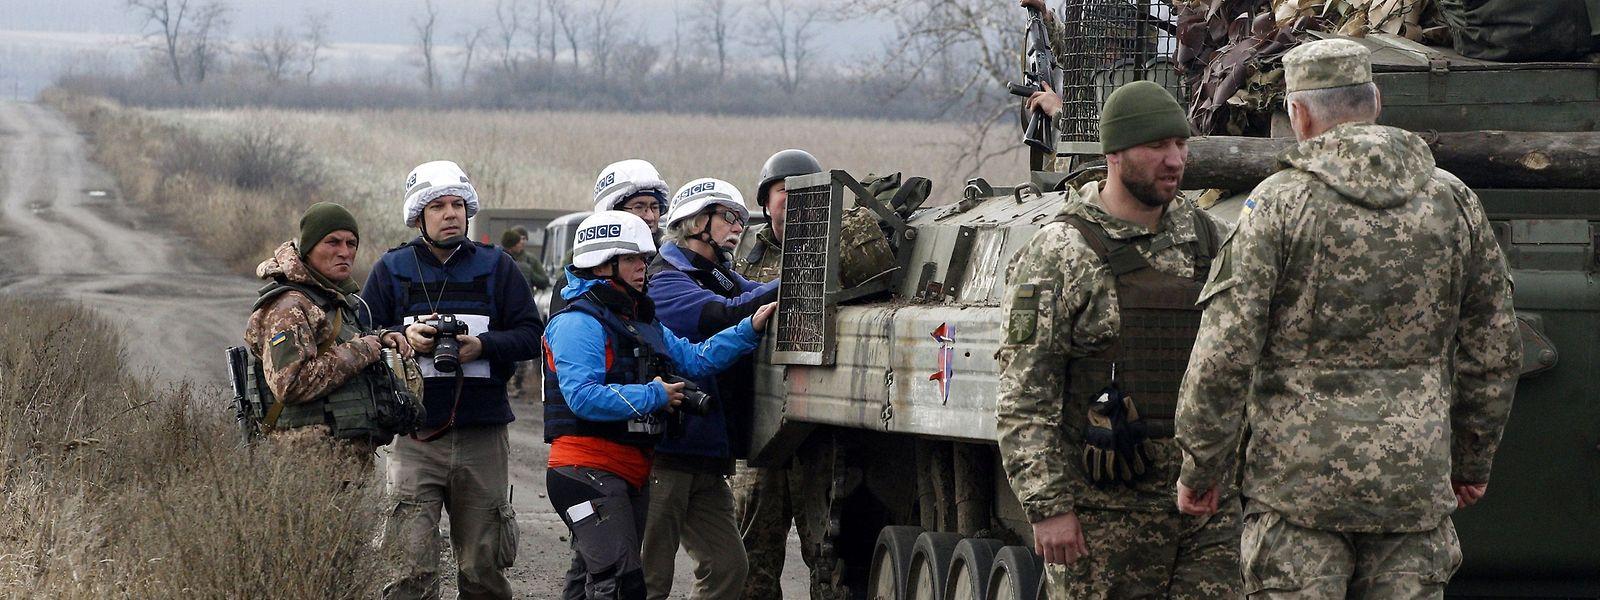 Die OSCE überwacht den Abzug von Panzern aus der umkämpften Region.